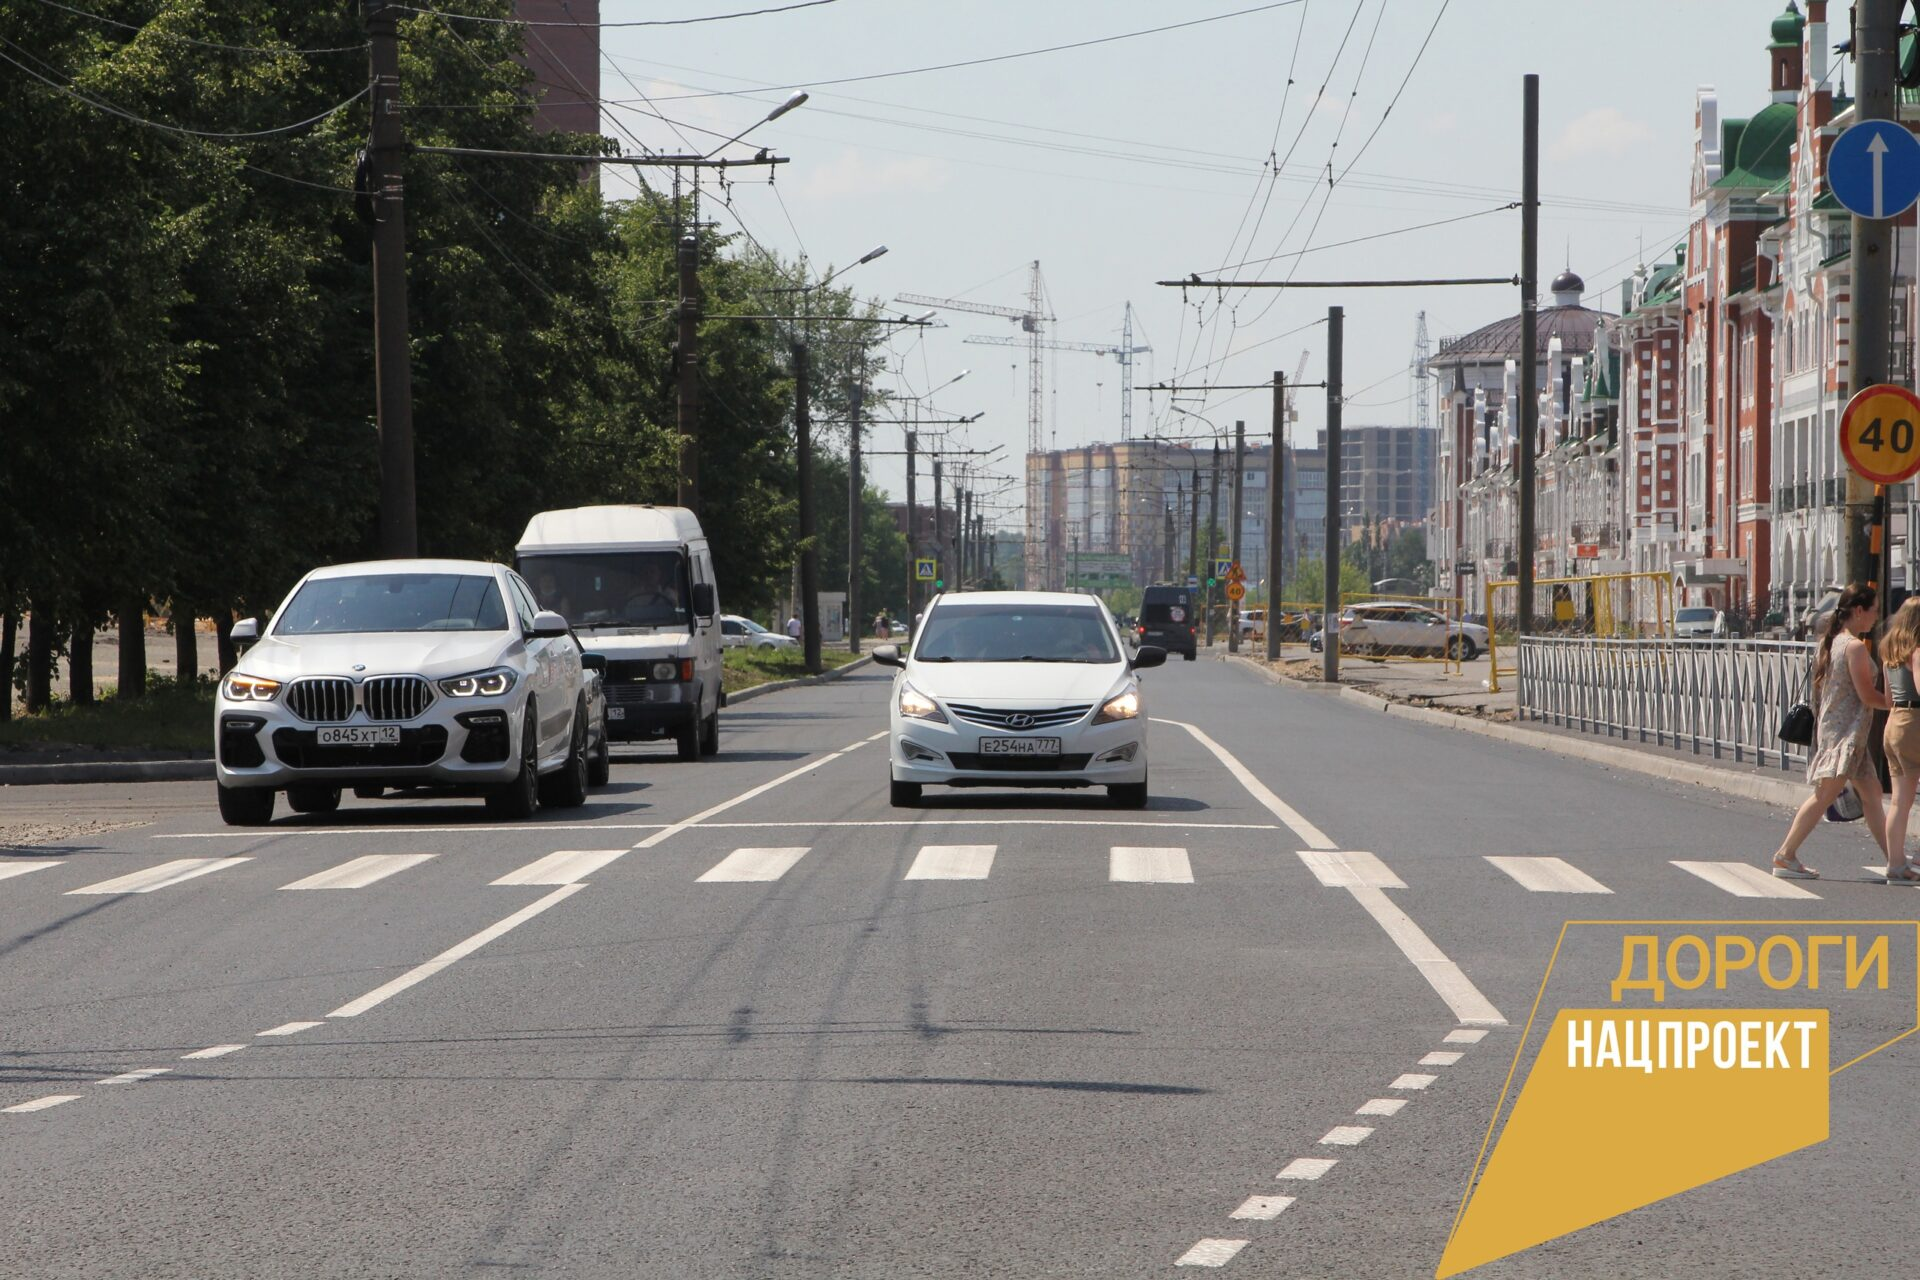 После ремонта введена в эксплуатацию автодорога по улице Эшкинина Йошкар-Олы